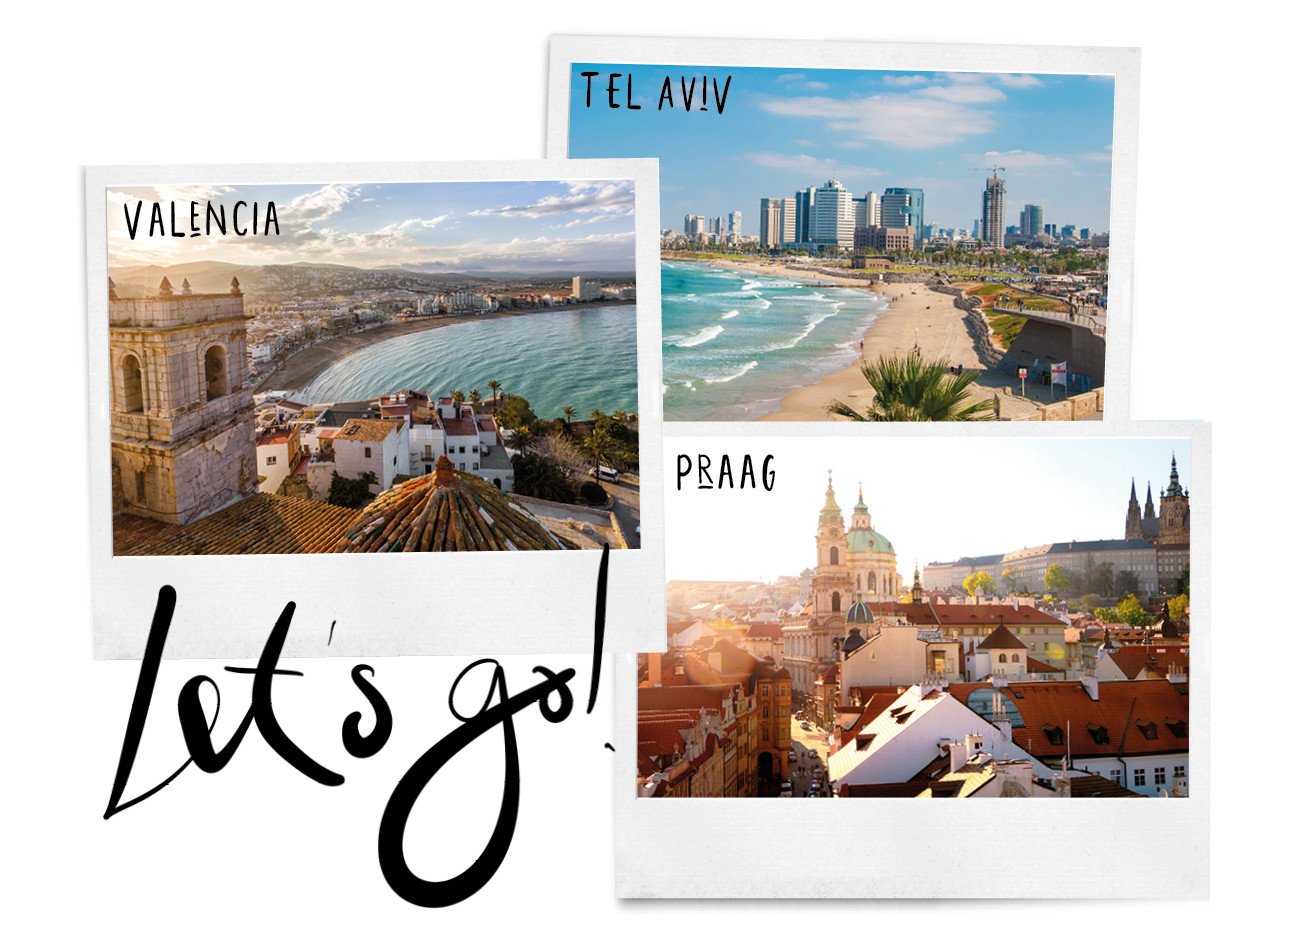 afbeelding van Praag, Valencia en tel aviv